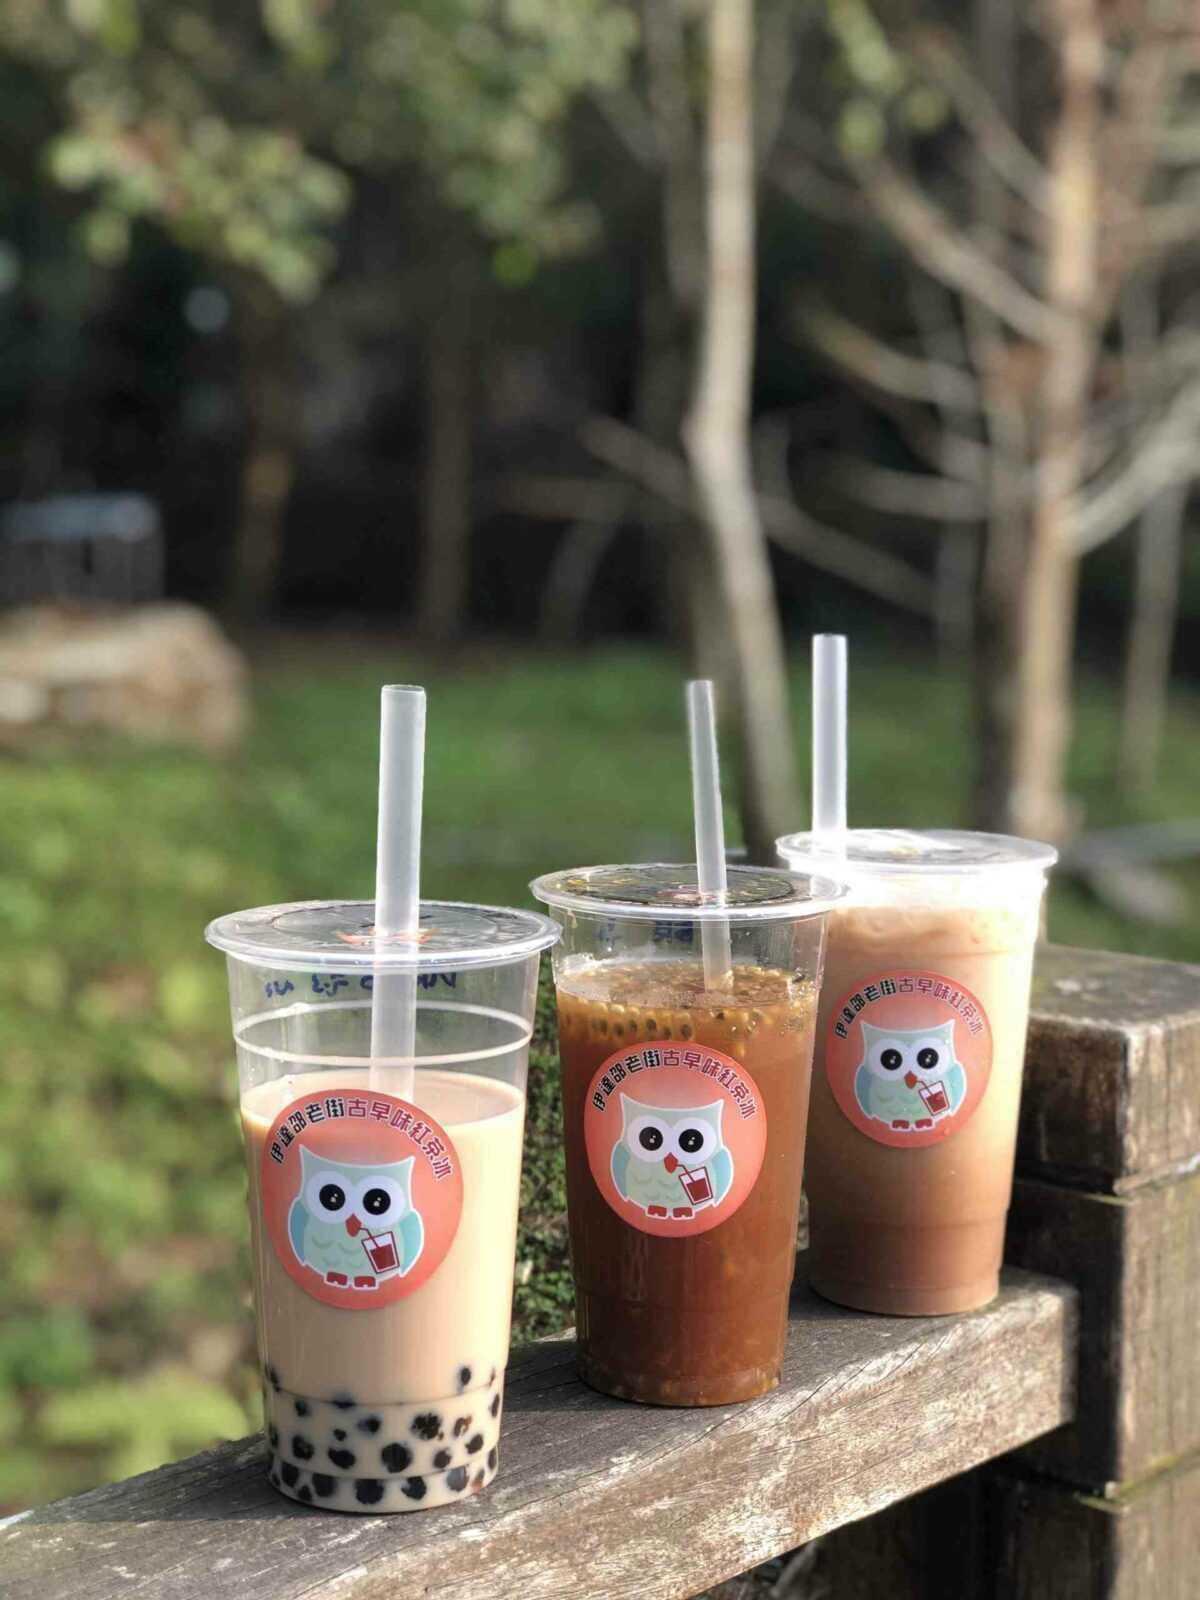 日月潭紅茶冰 │天然、健康與美味的老街古早味紅茶冰